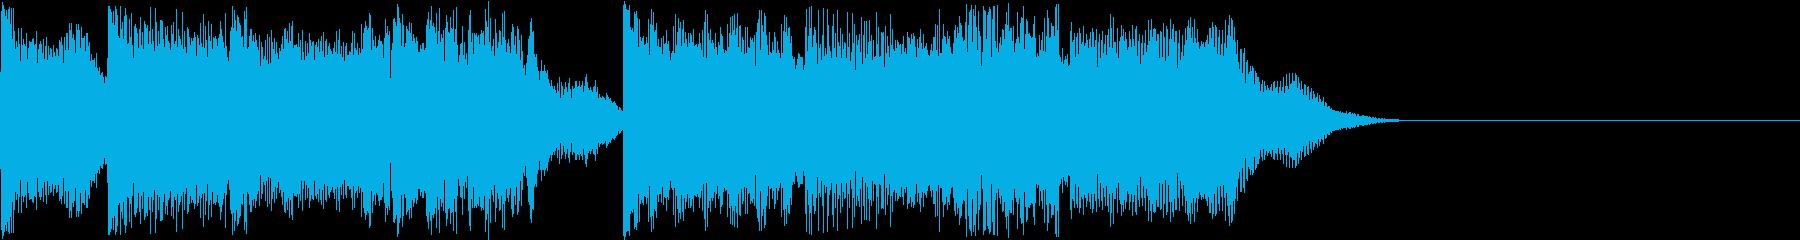 AI メカ/ロボ/マシン動作音 31の再生済みの波形